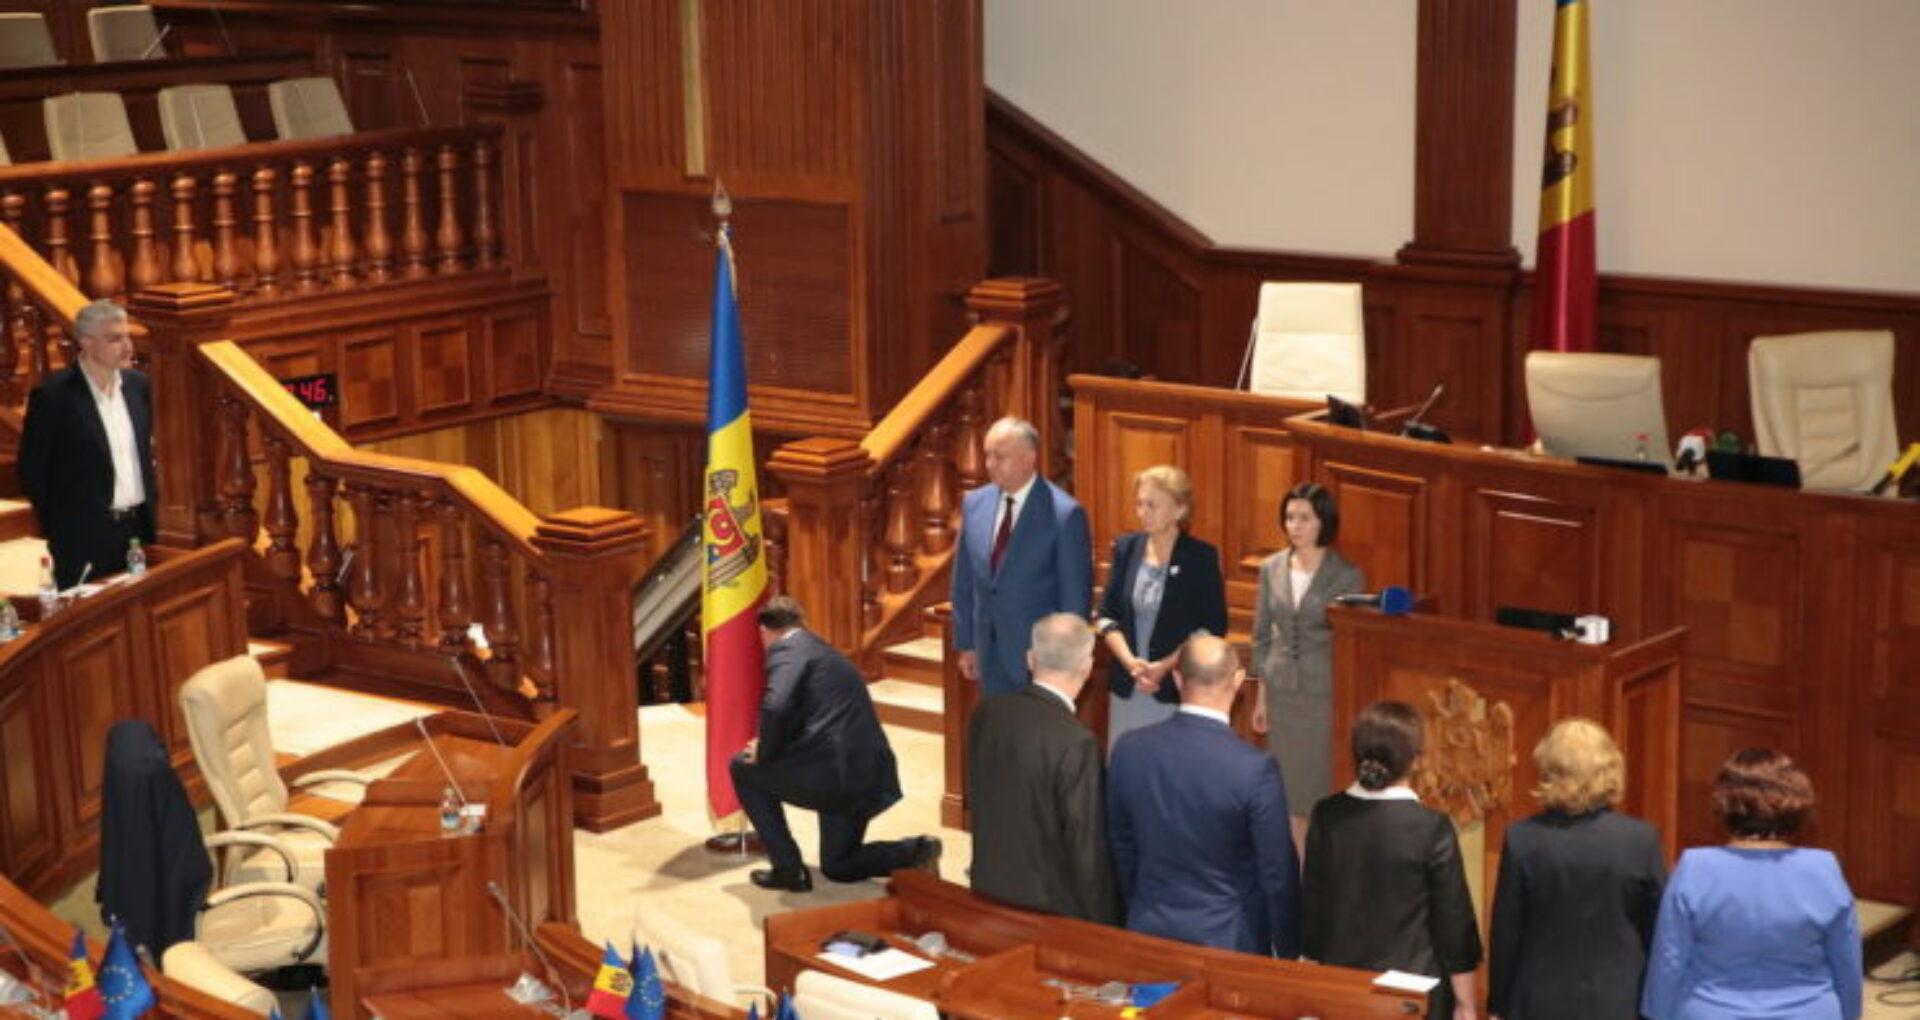 8 iunie 2019: Ce s-a întâmplat în ziua în care PSRM și Blocul ACUM au semnat Acordul care a debarcat regimul Plahotniuc de la guvernare